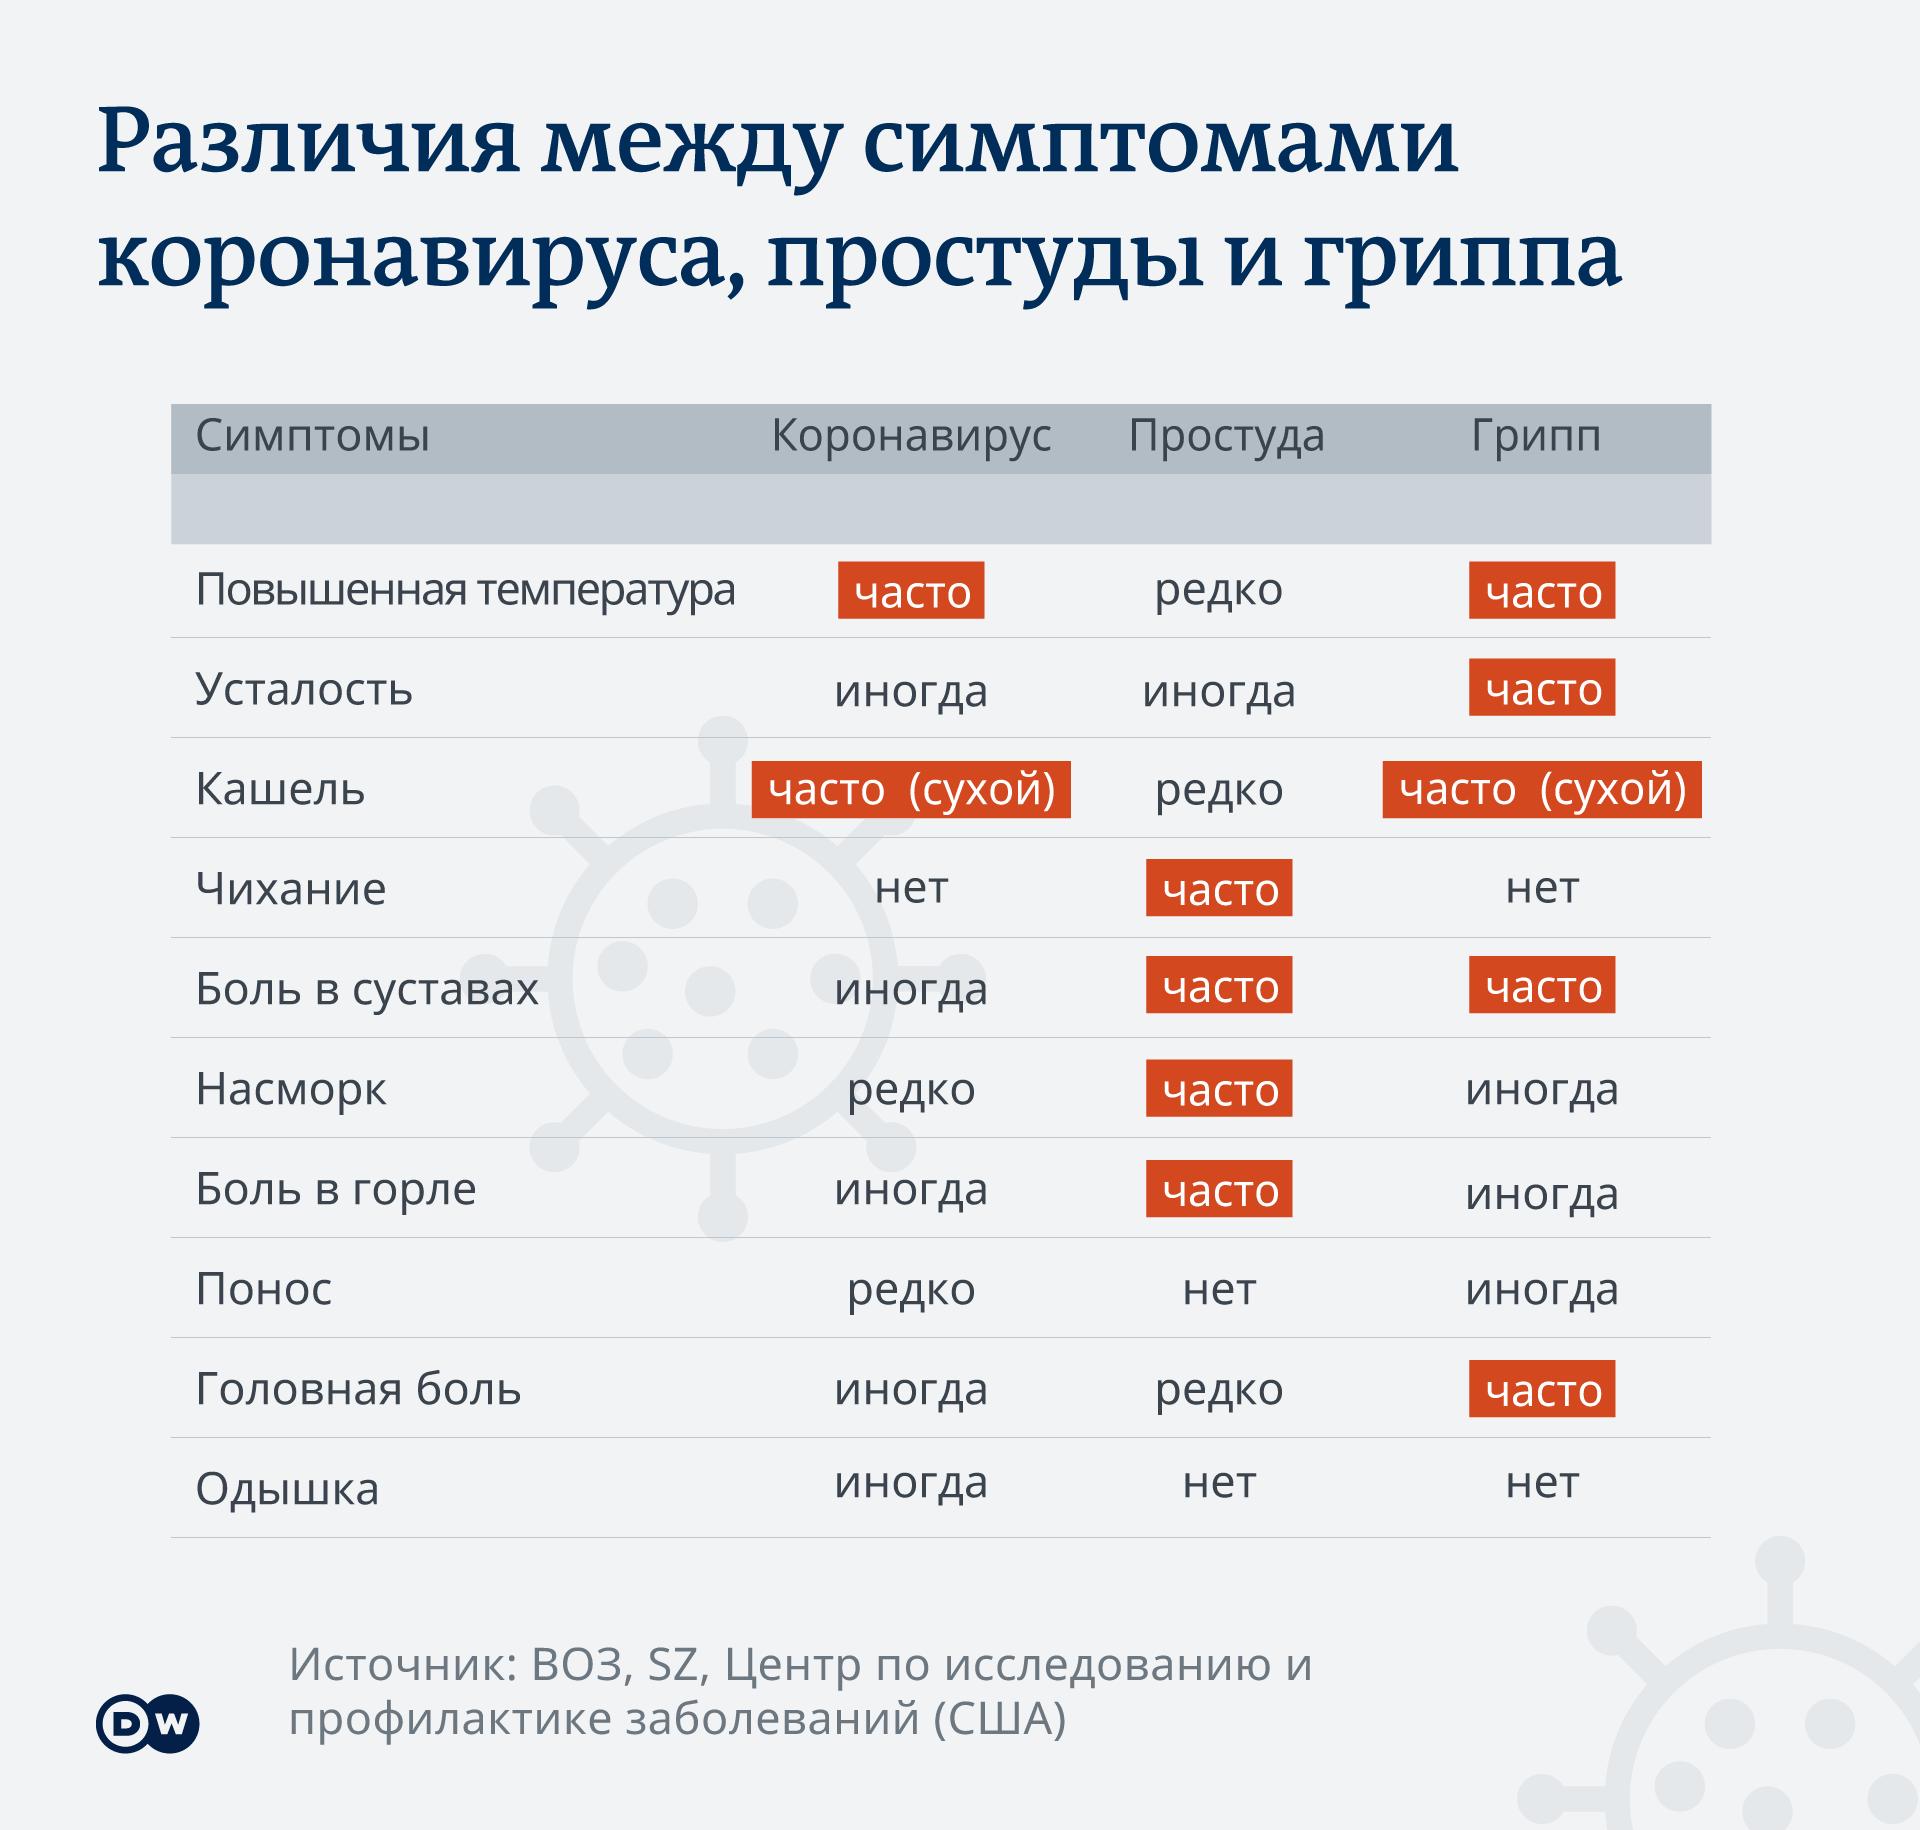 Эксперты рассказали, опасно ли бессимптомное течение коронавирусной инфекции – москва 24, 24.04.2020